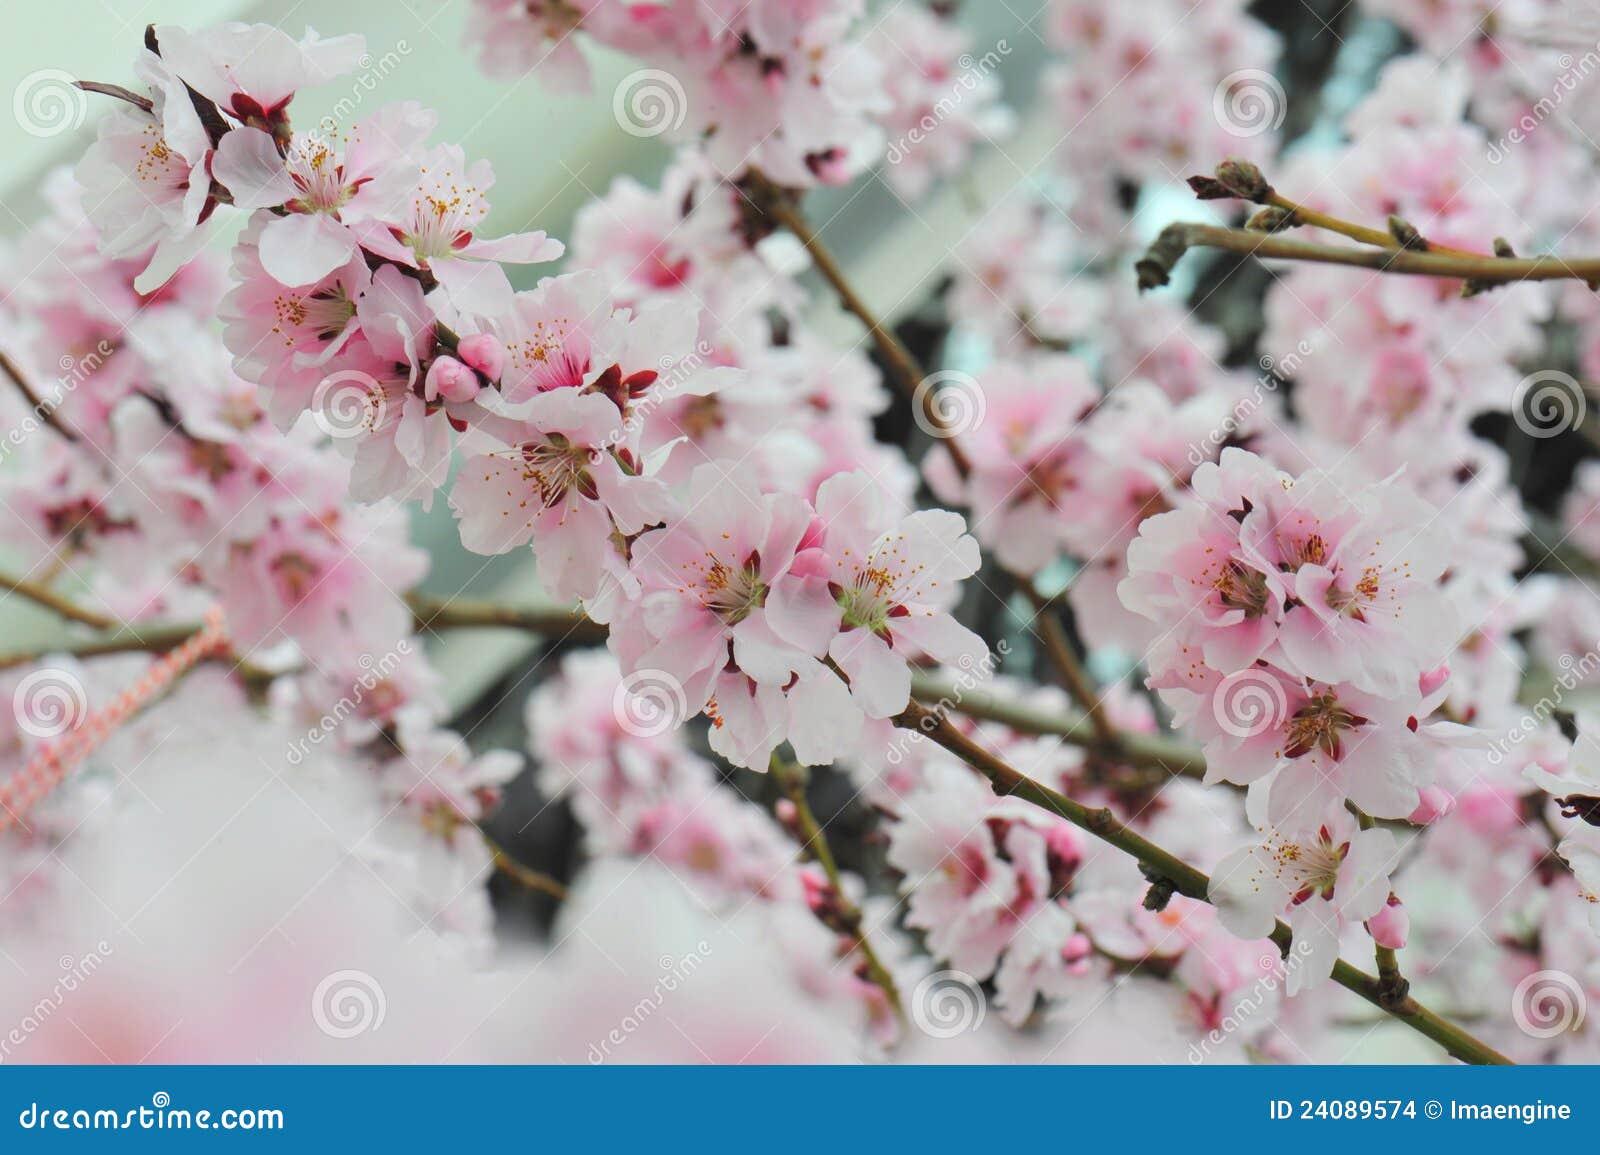 fina bilder på blommor